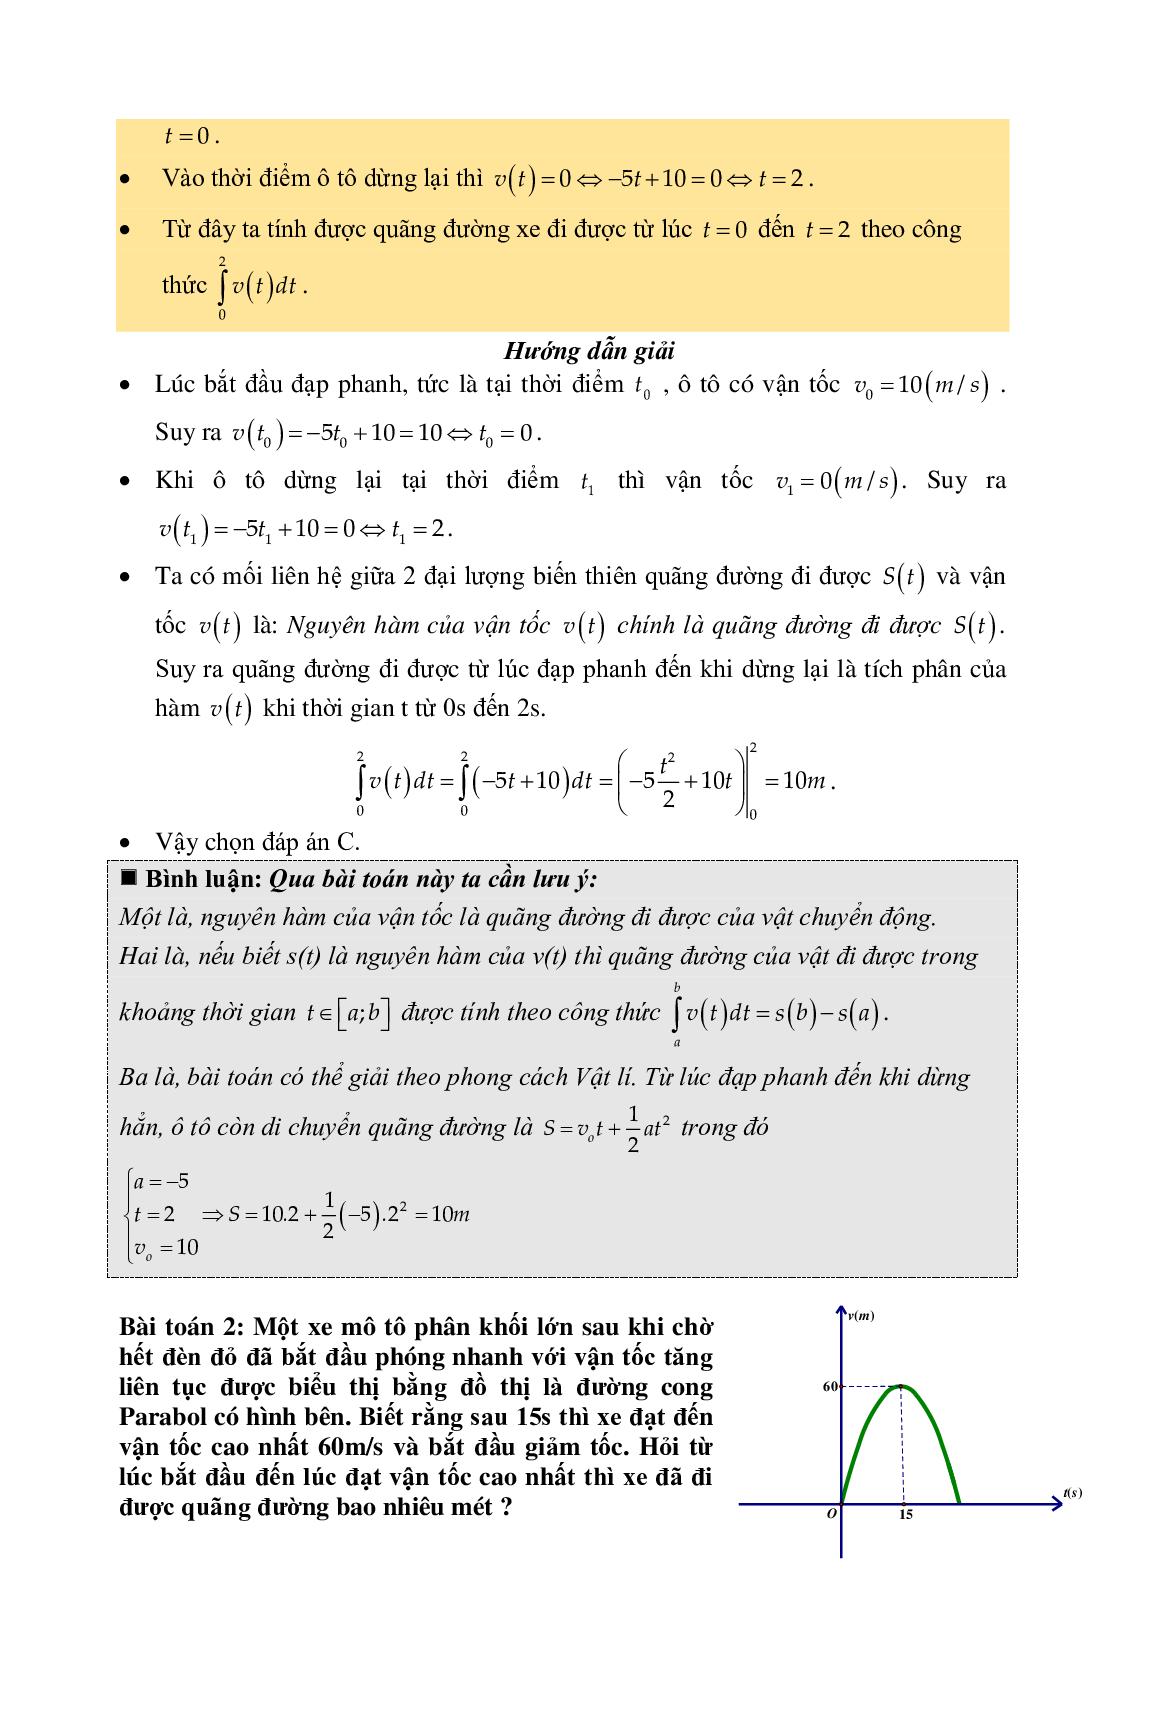 Lý thuyết và bài tập Nguyên hàm tích phân chọn lọc (trang 7)